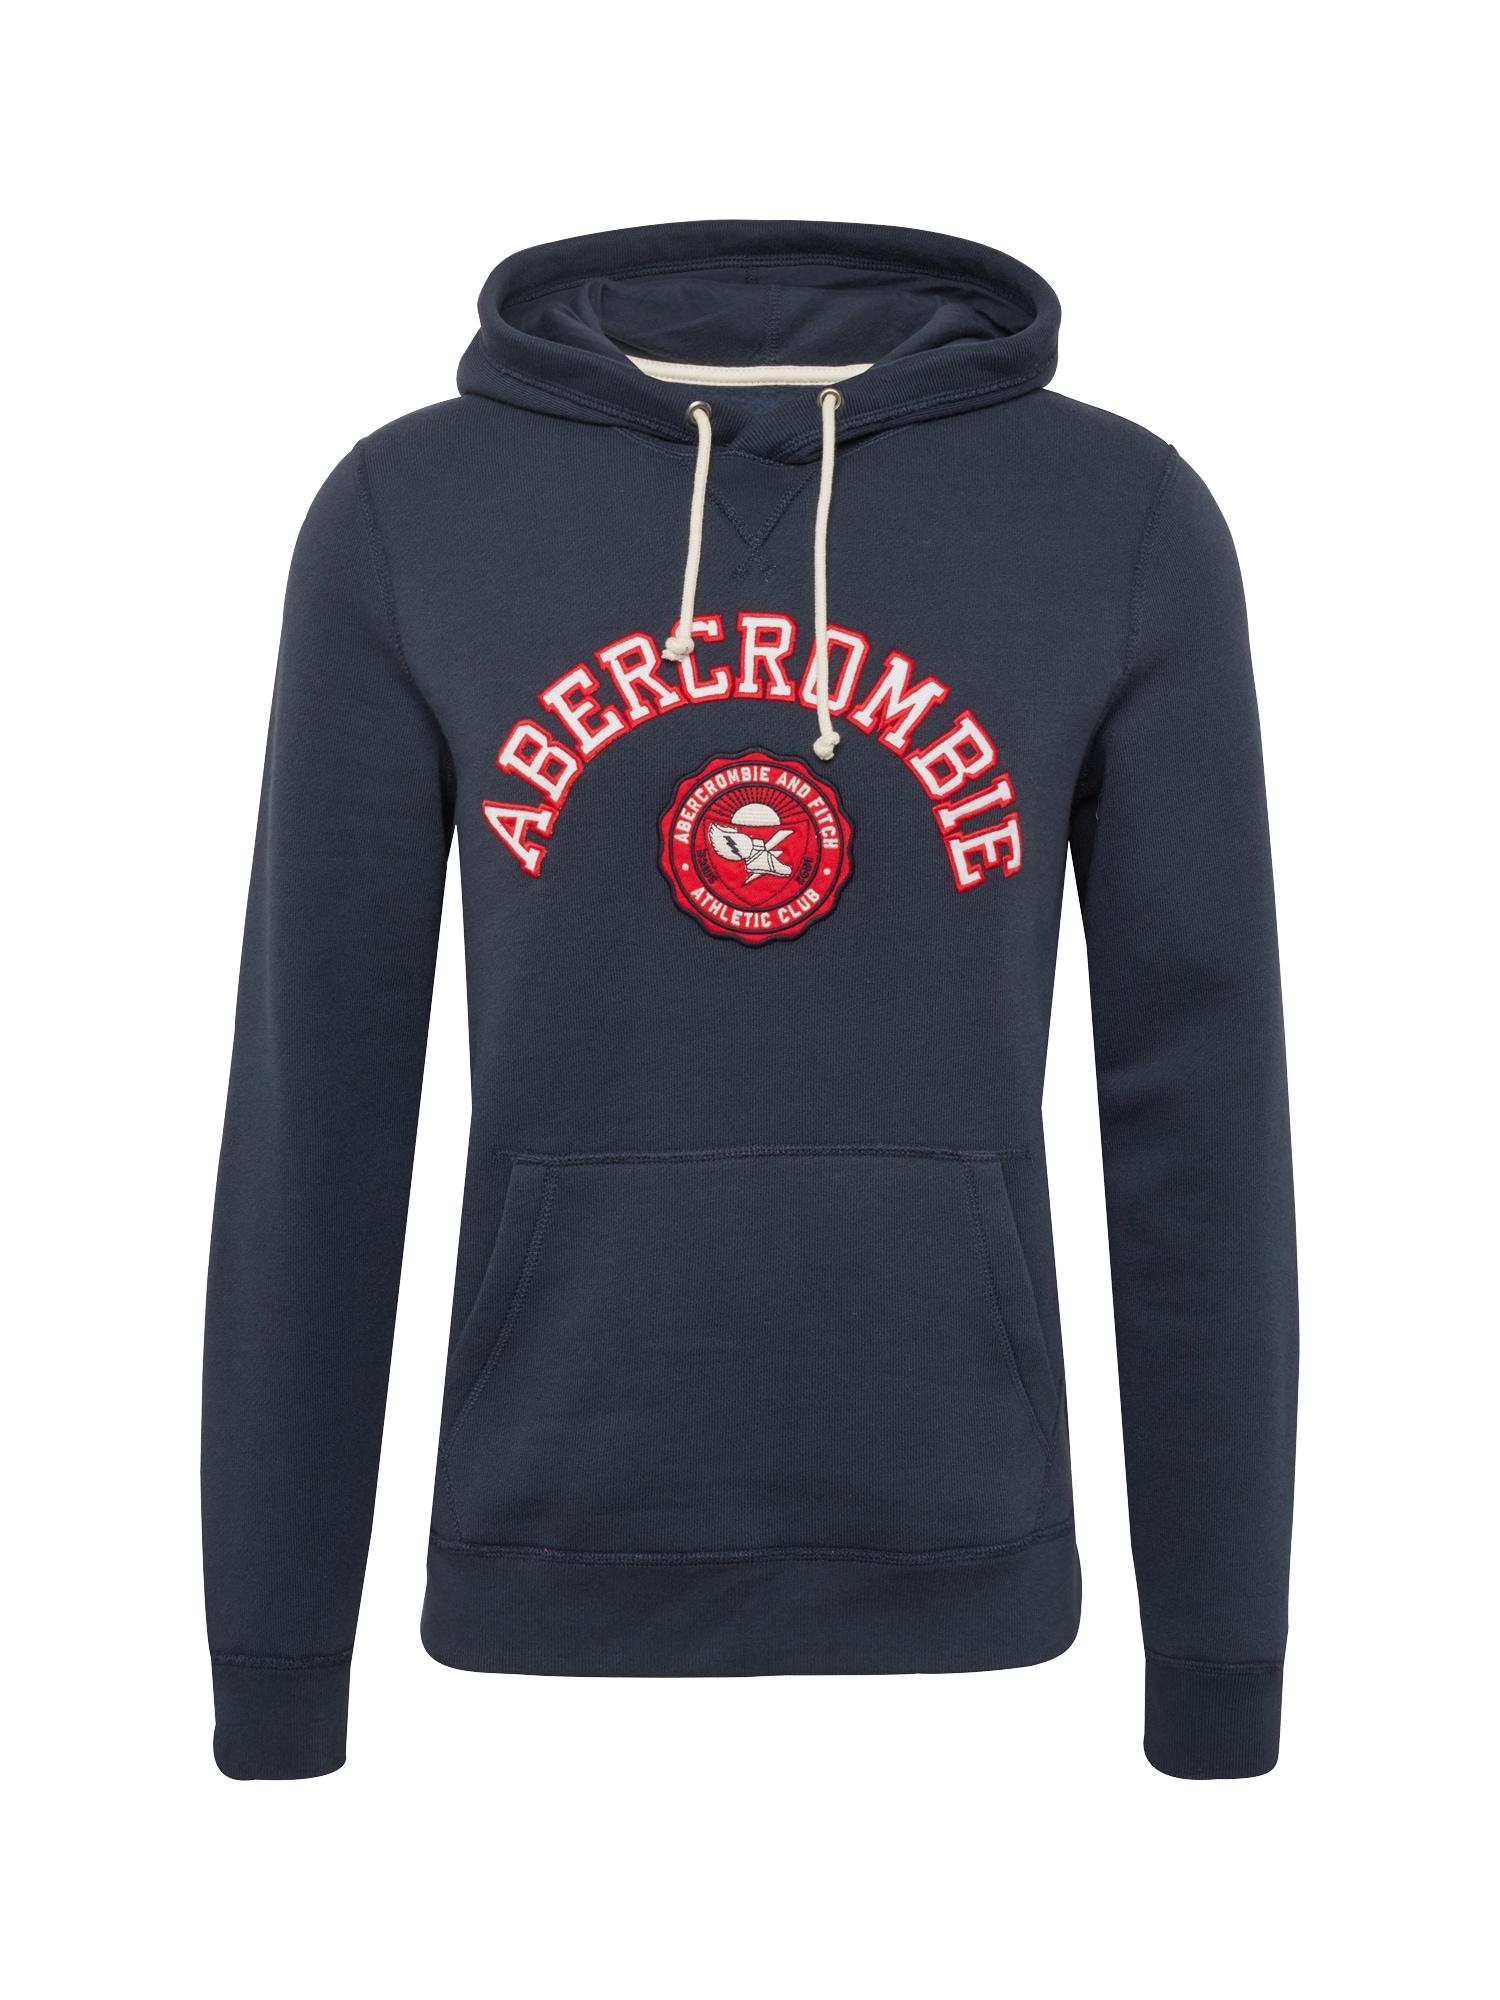 Mikina ATHLETIC CLUB POPOVER námořnická modř červená Abercrombie & Fitch